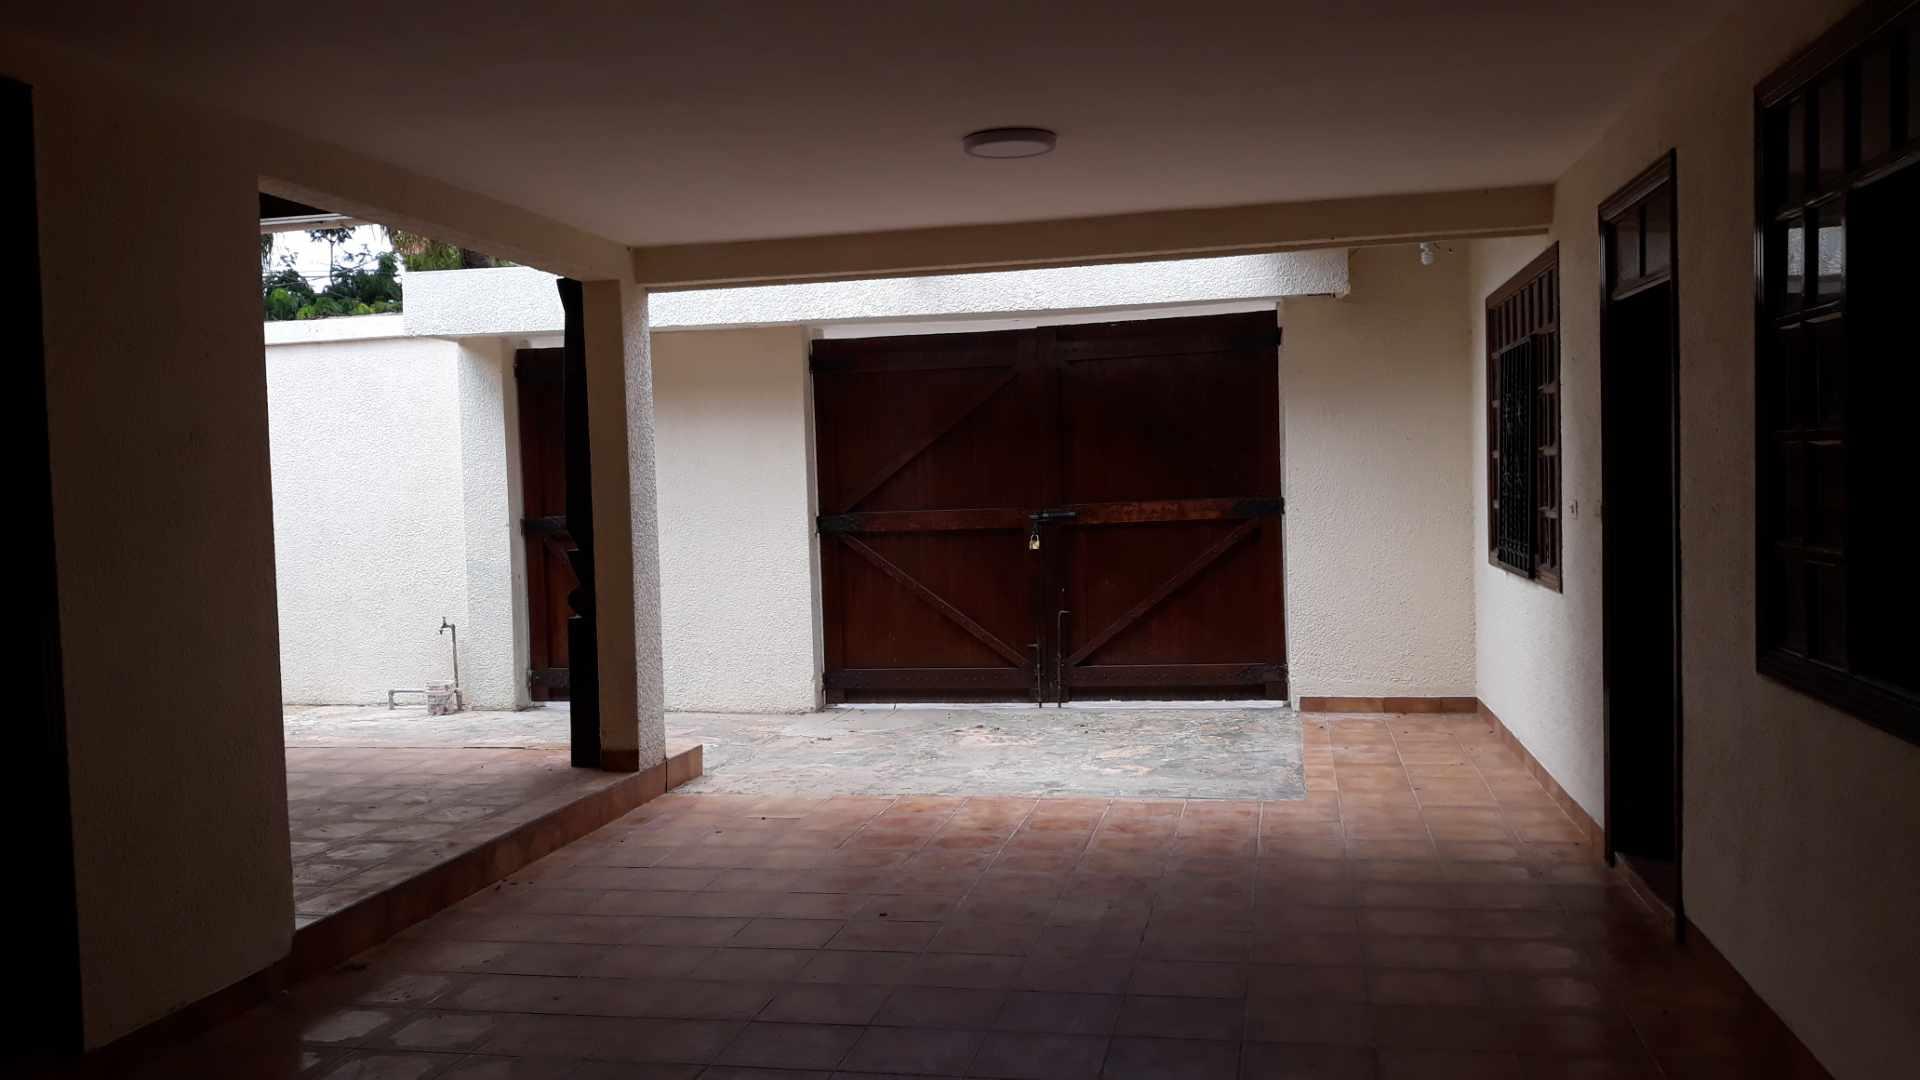 Casa en Alquiler Av. roca y coronado 2do y 3er anillo Foto 3